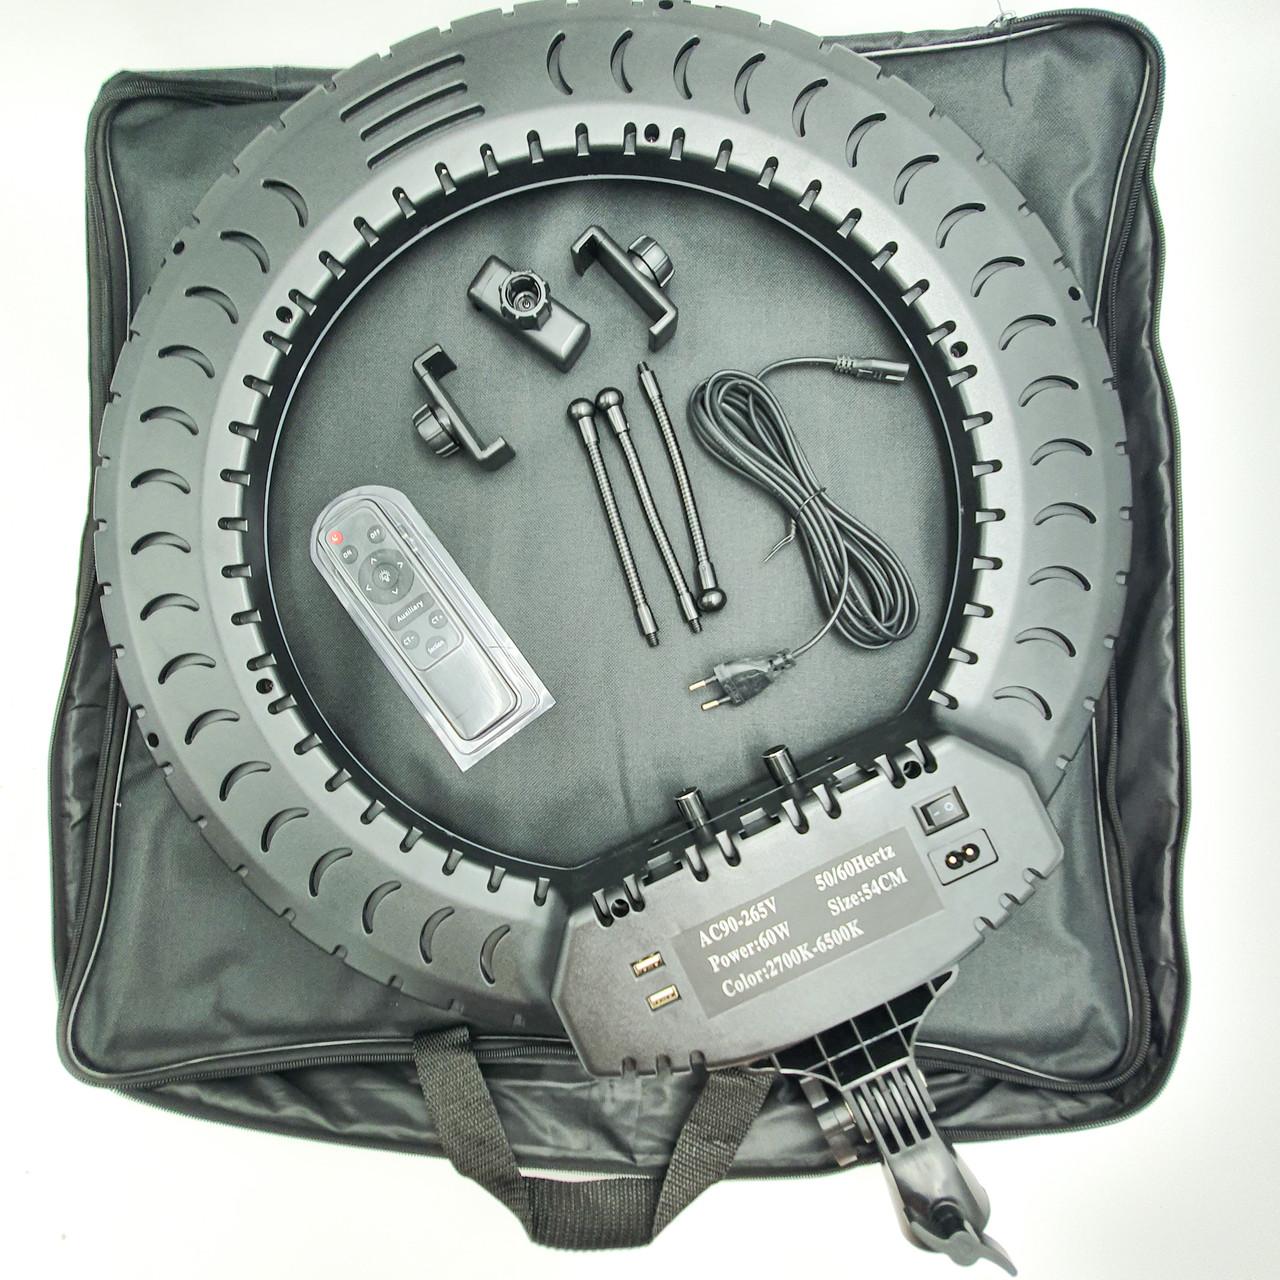 Кольцевая лампа 55см 55W на 3 держателя для телефона 3 режима свечения сумка пульт  LED кольцевой свет